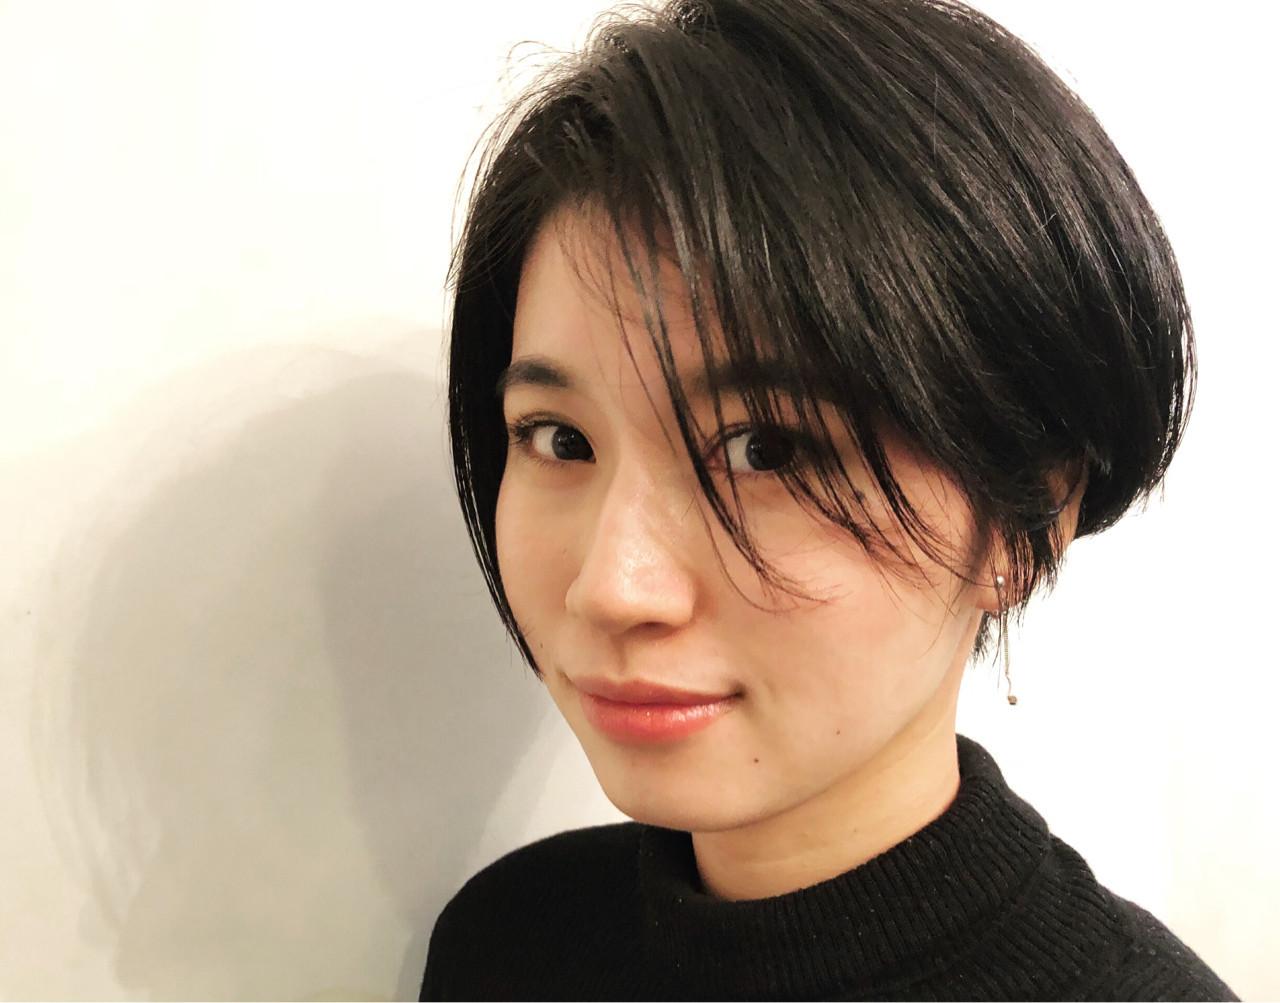 艶髪 似合わせ モード ショート ヘアスタイルや髪型の写真・画像